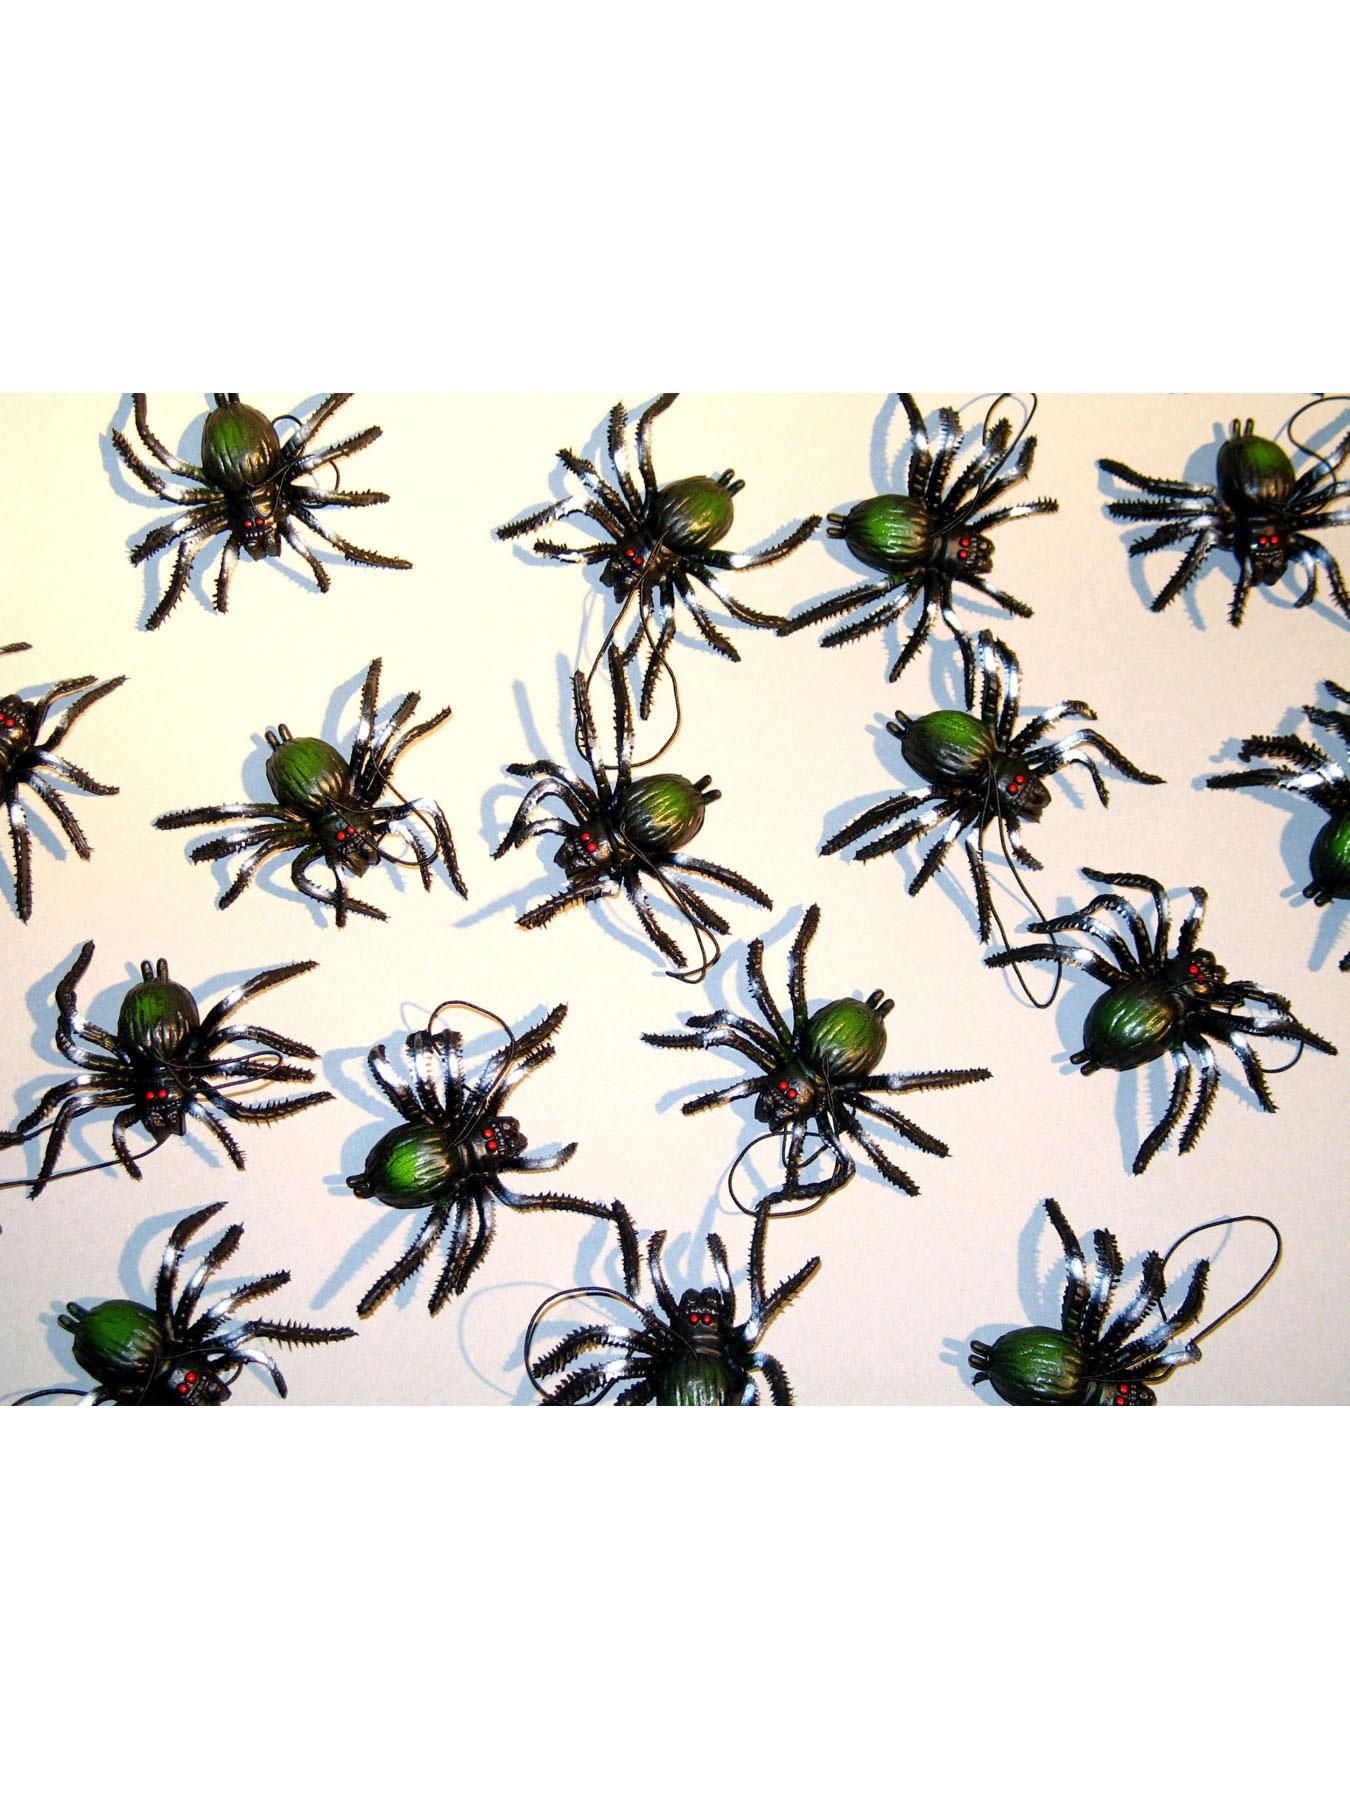 10er Pack Spinnen 7 cm 5 Modell gemischt